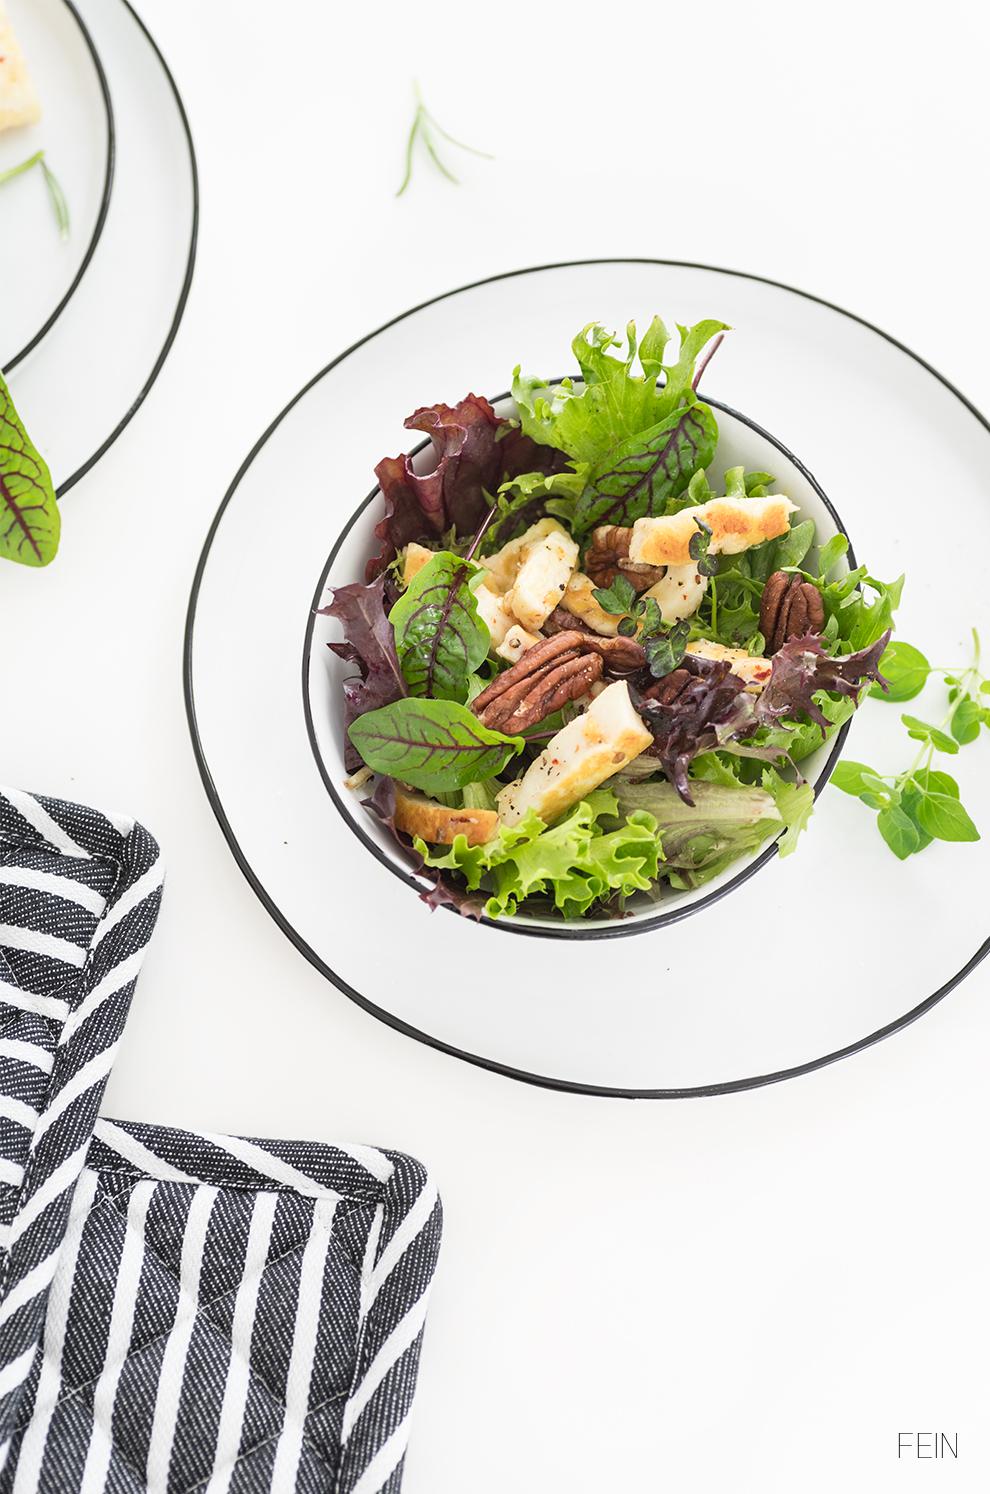 Sommer Salat Garten Kräuter